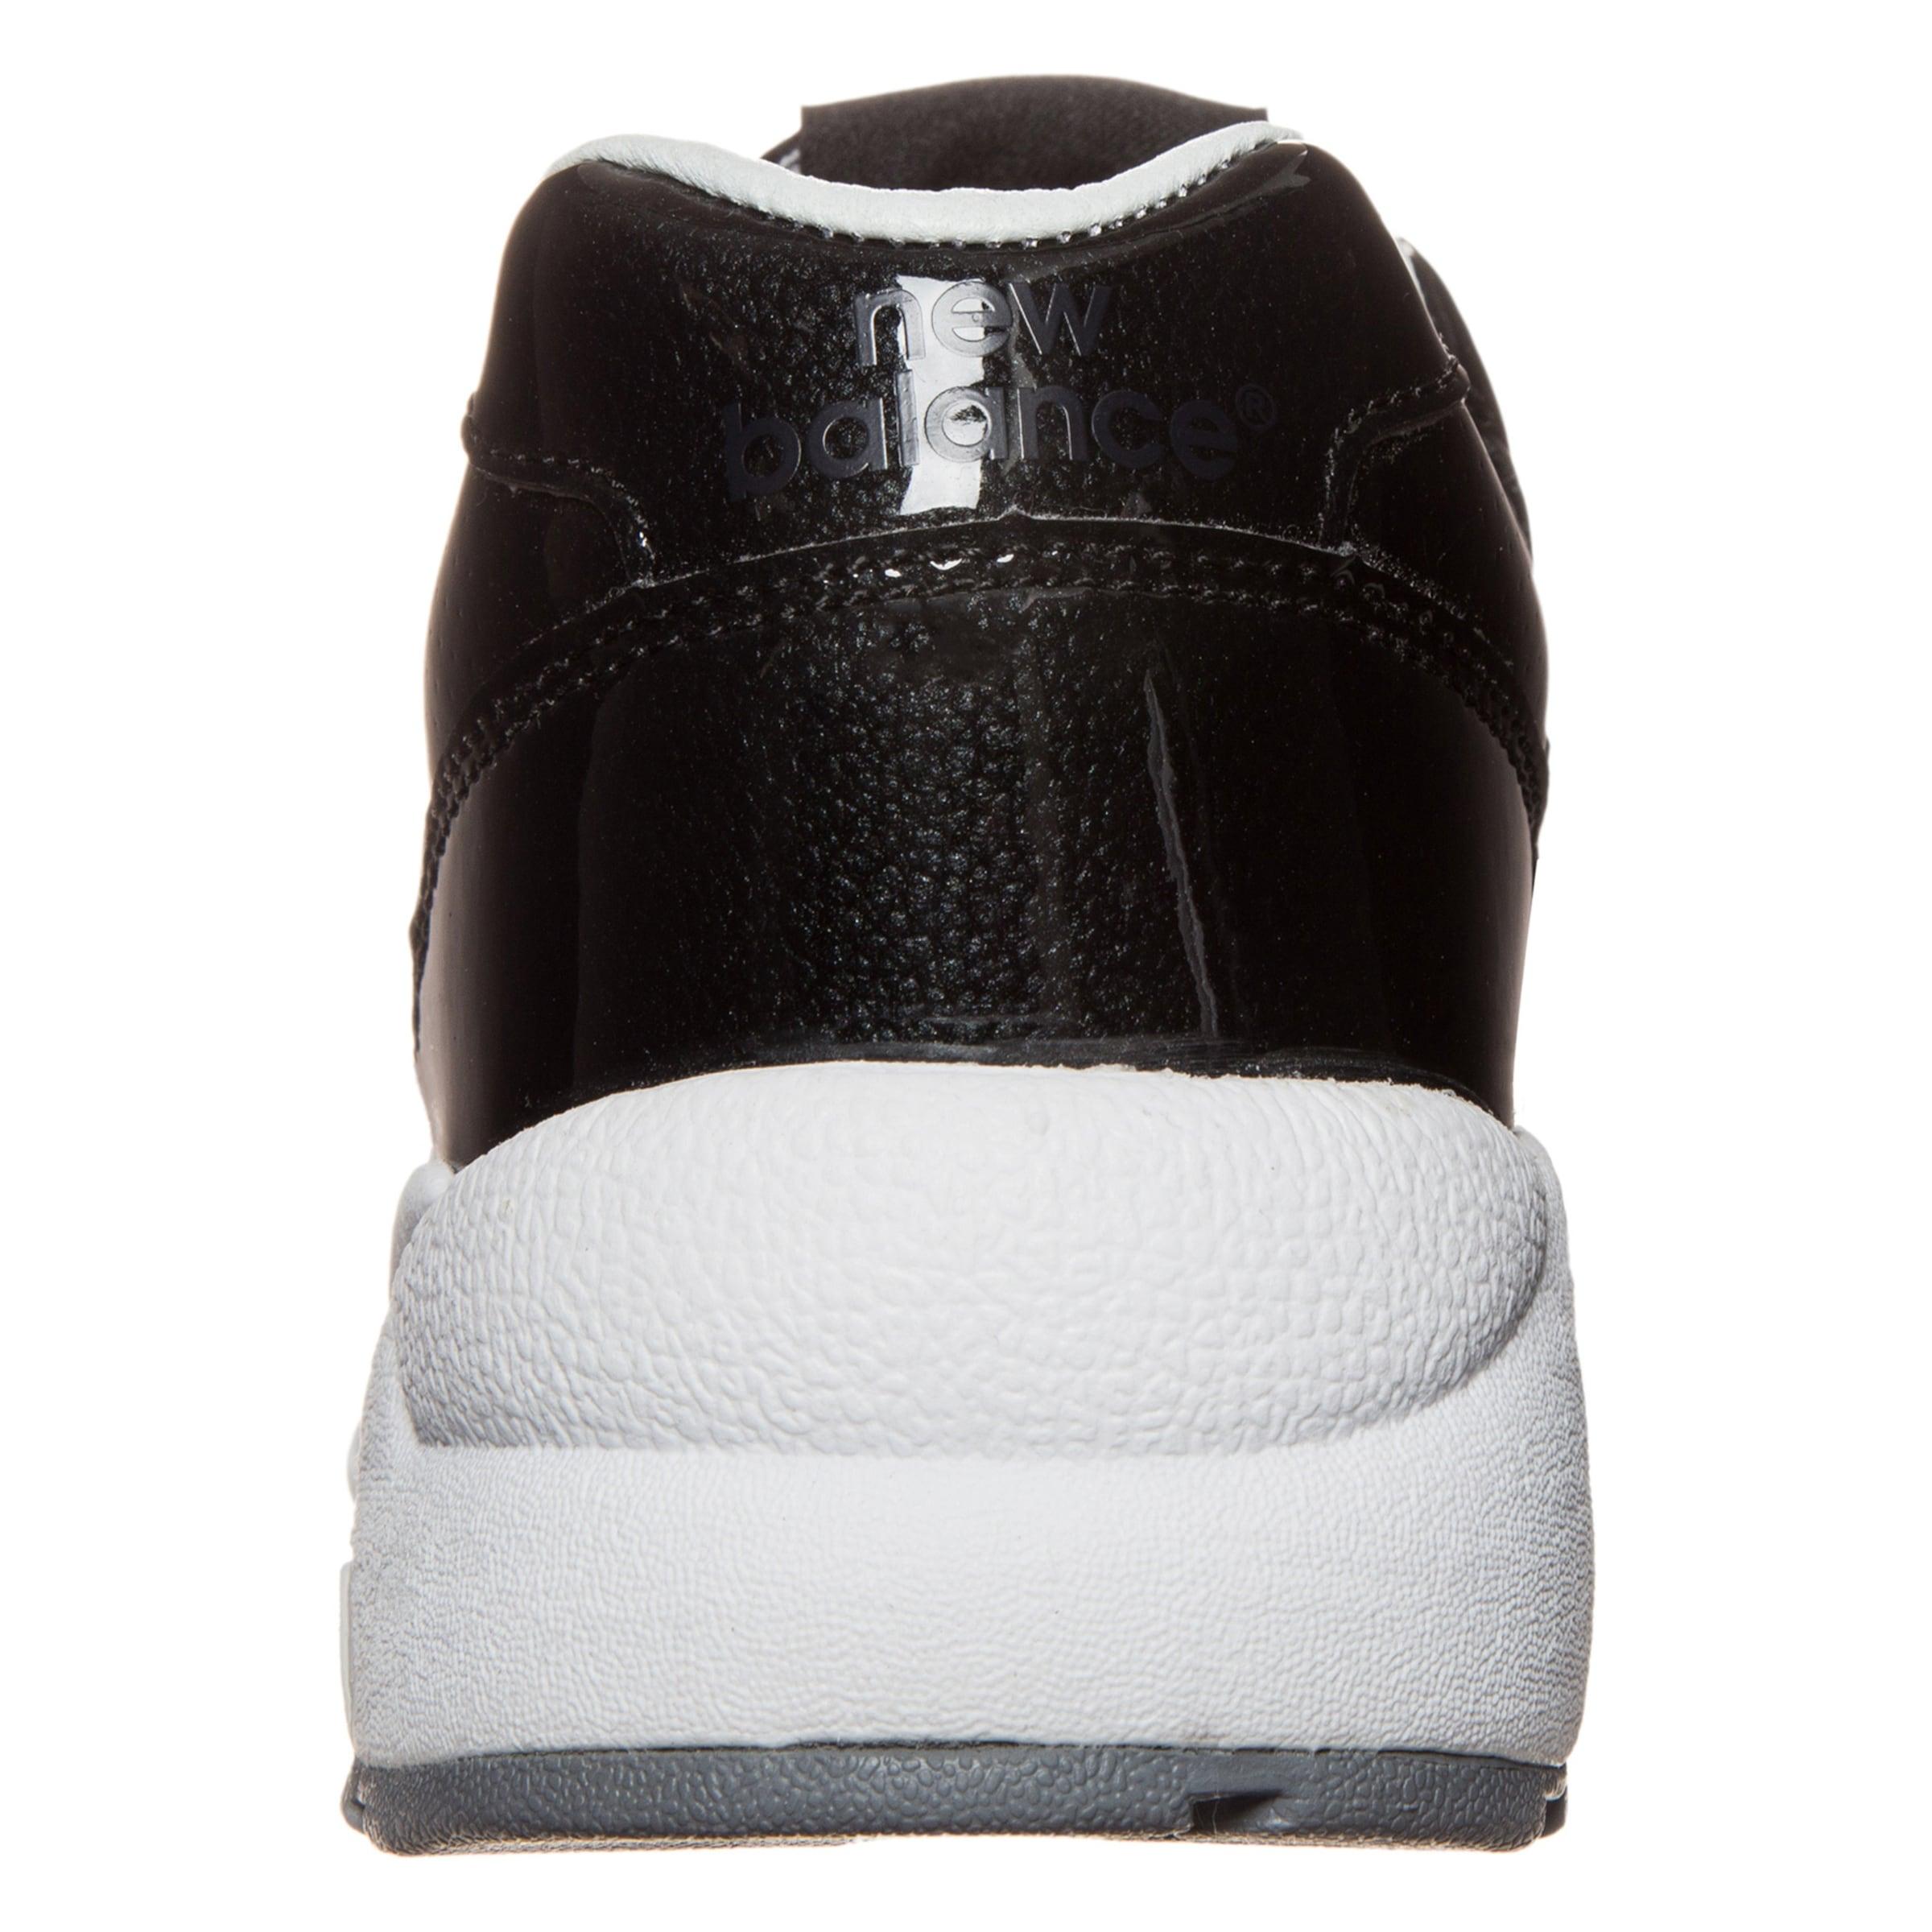 Billig Mit Master Günstig Kaufen Viele Arten Von new balance Sneaker 'WRT580-MT-B' Freies Verschiffen Truhe Finish Preise Günstig Online Klassisch 7dvM3R54